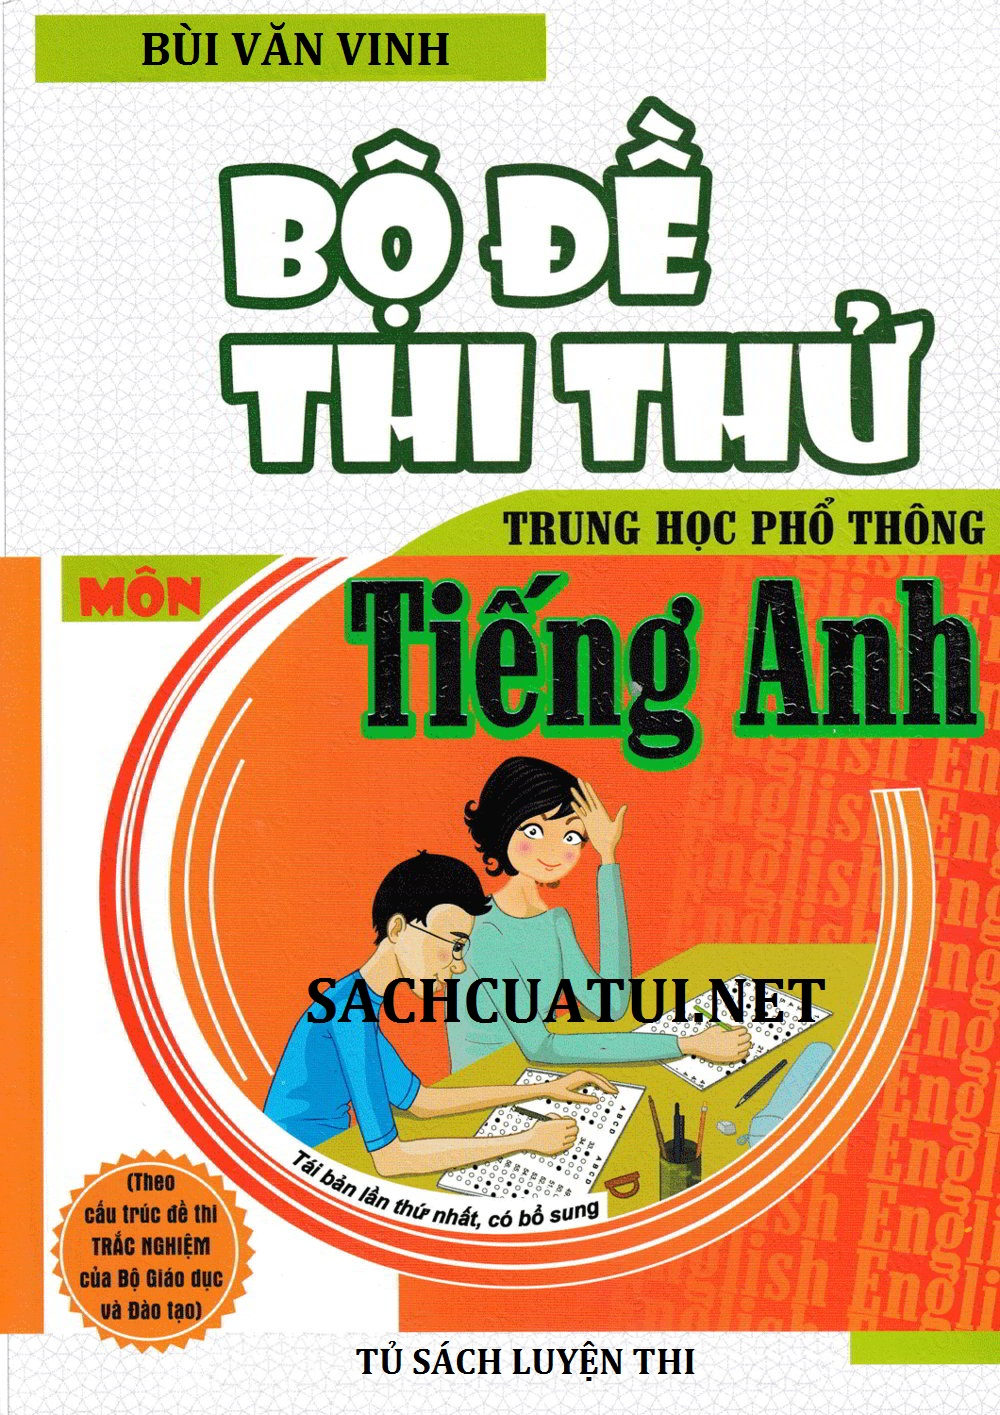 Tải sách: Bộ đề thi thử Trung học phổ thông môn tiếng anh – Bùi Văn Vinh